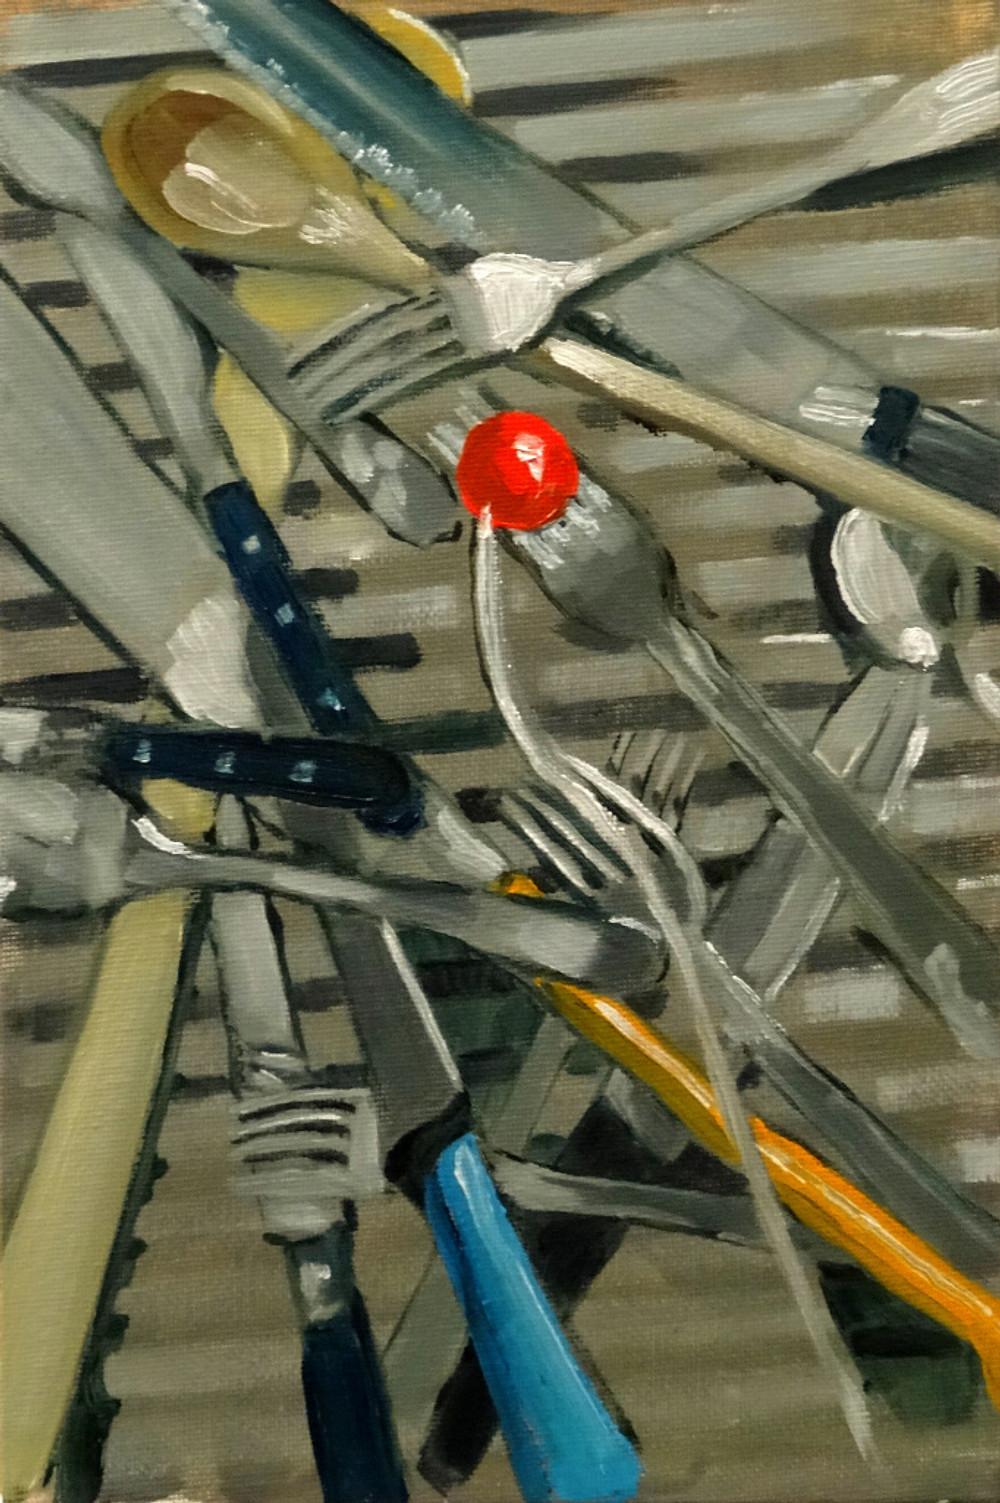 09/09/2014 : Couverts et Tomate Cerise - Huile sur toile 21 x 30 cm